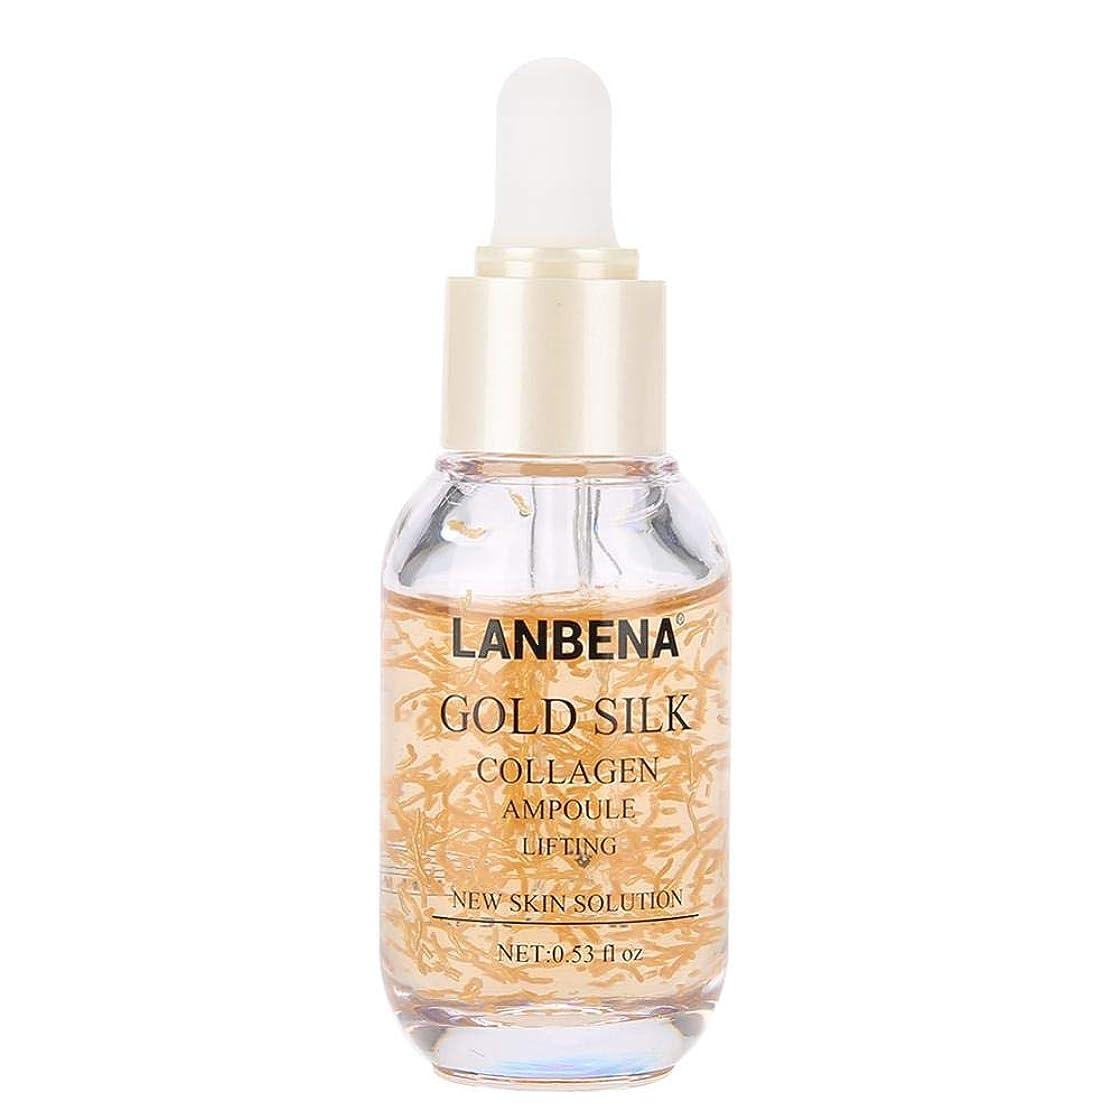 壁アラブサラボ島コラーゲンフェイシャルエッセンス、肌への潤い 修理 保湿 引き締め 肌の輝き ユニセックス スキンケア製品